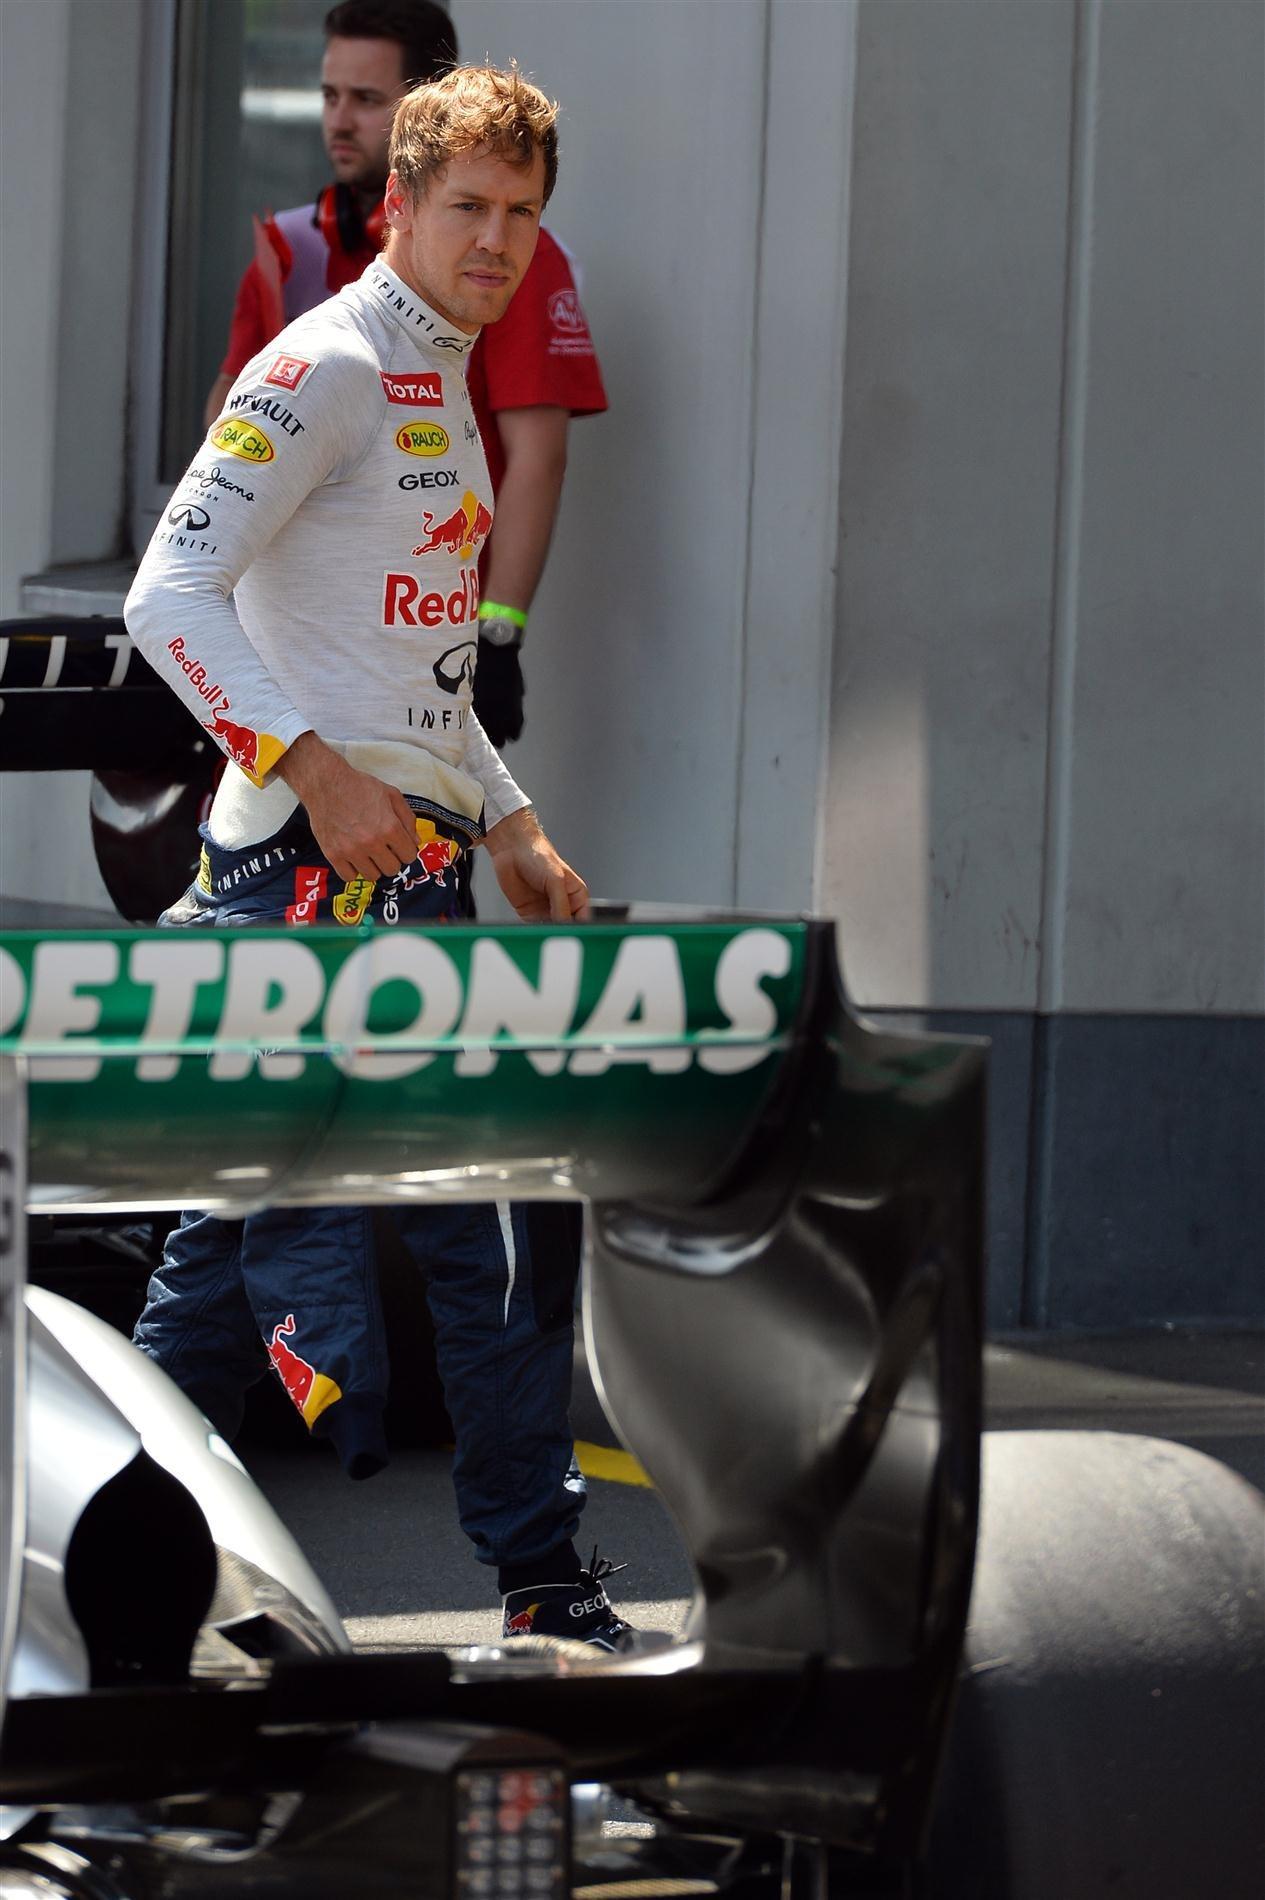 Себастьян Феттель посматривает на болид Mercedes после квалификации на Гран-при Германии 2013